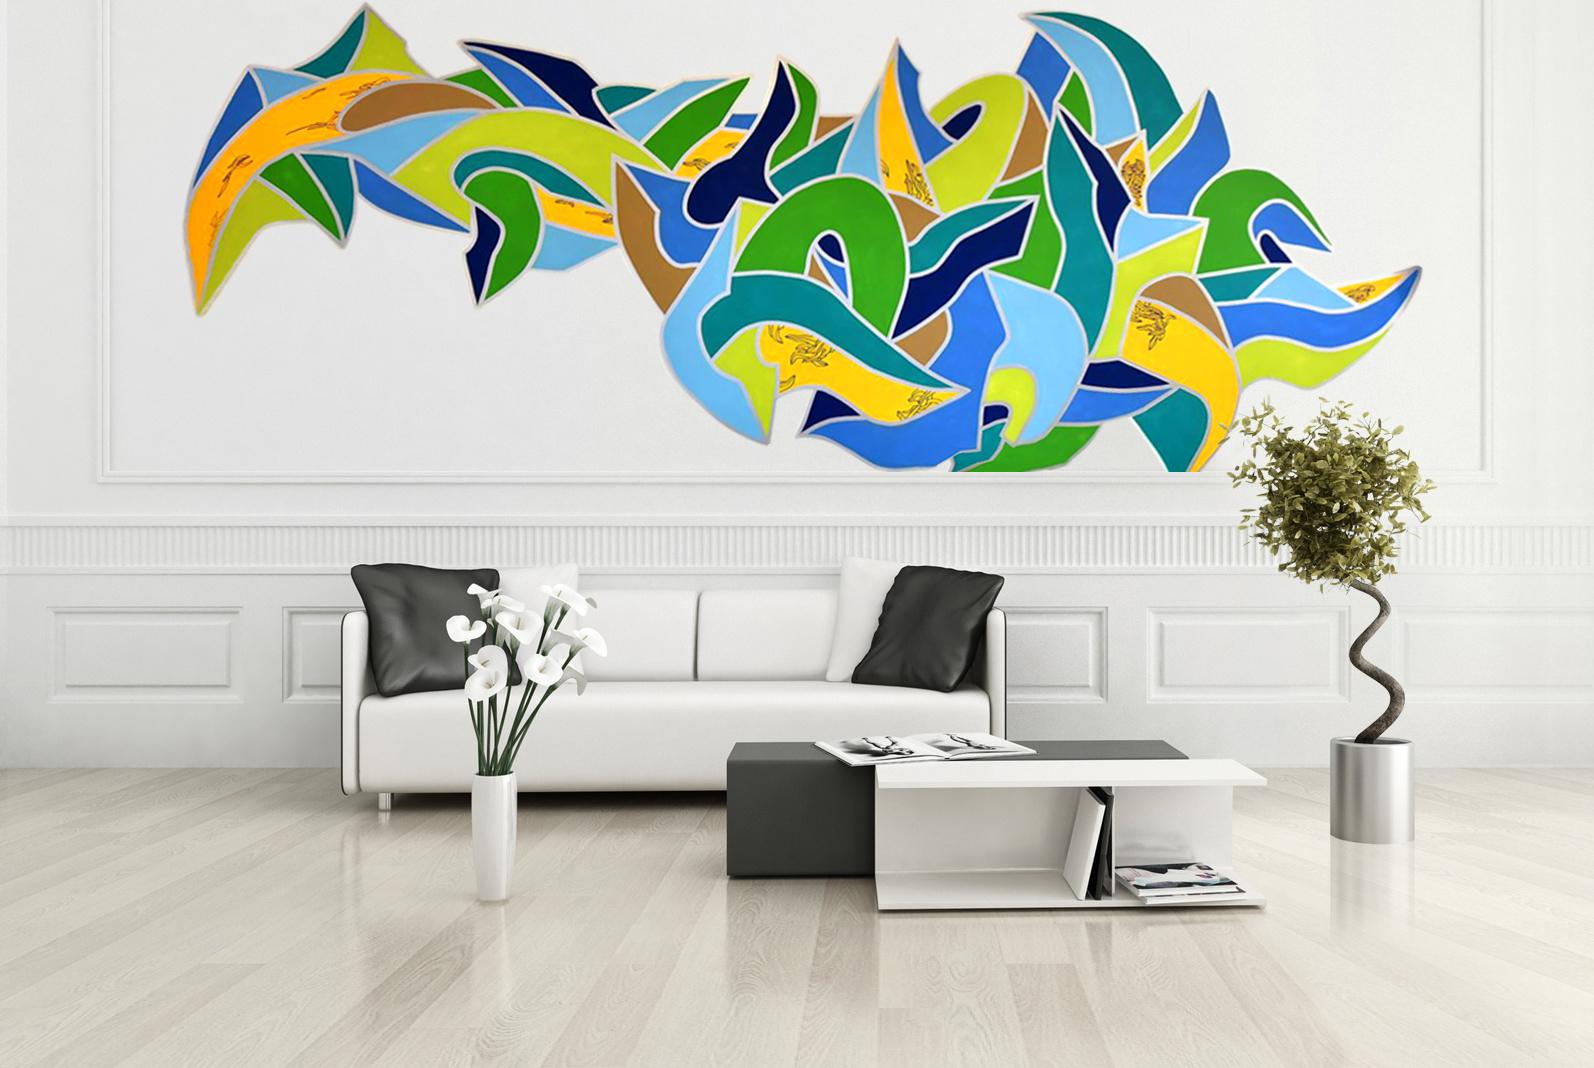 Fresque Kool Koor